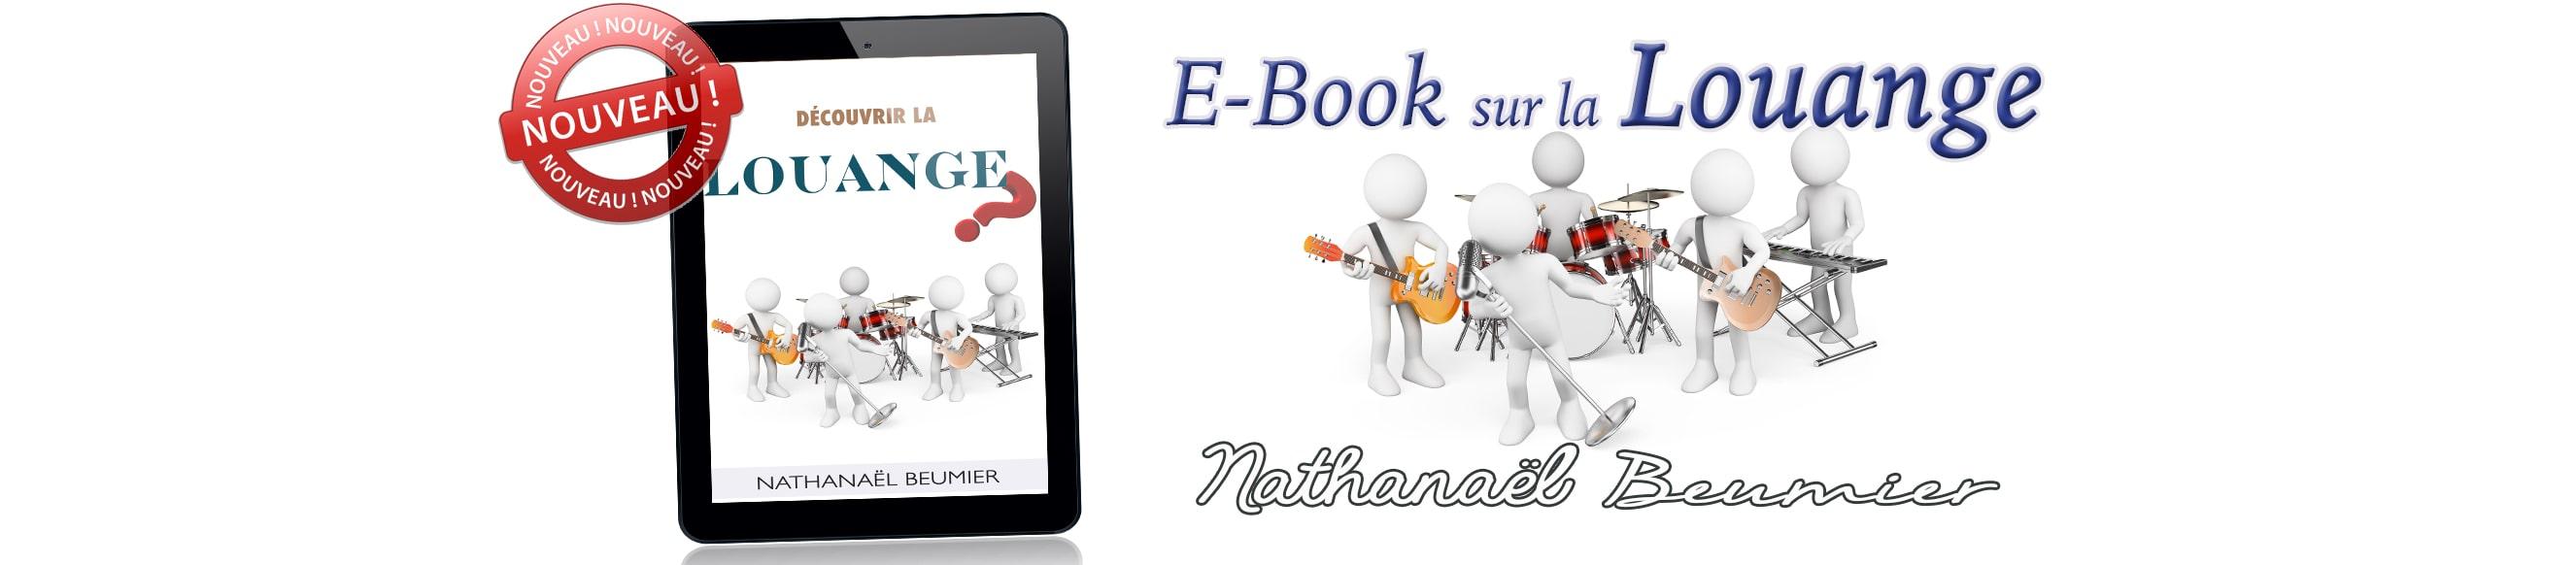 E-book - Découvrir la Louange